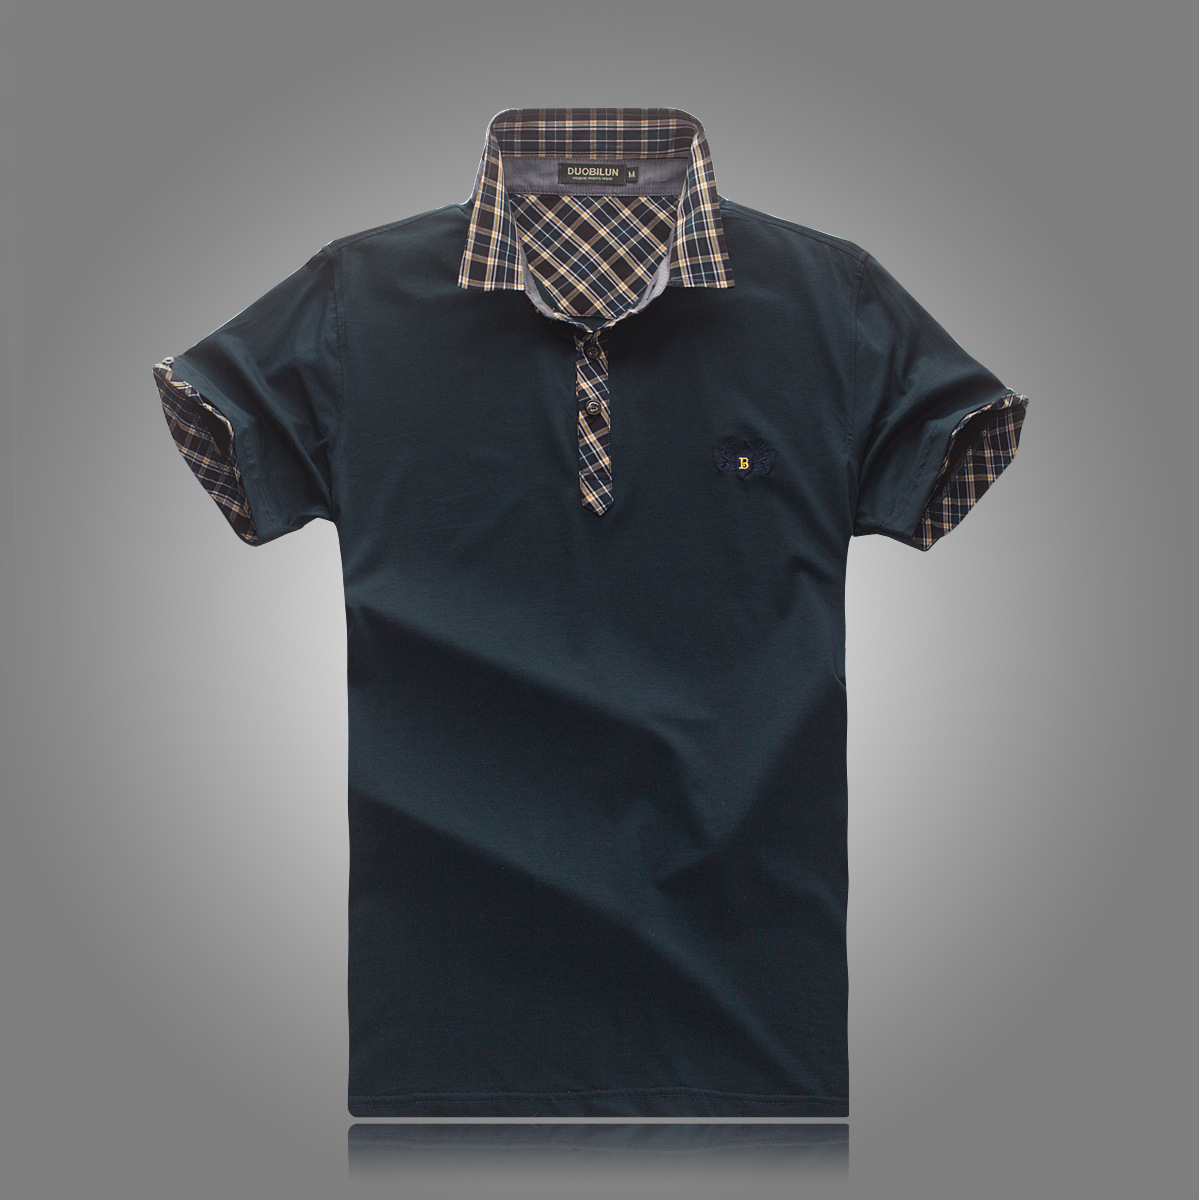 男士 新款 翻领/多比伦服饰2014夏季男装翻领新款男式t恤全棉男士短袖8505